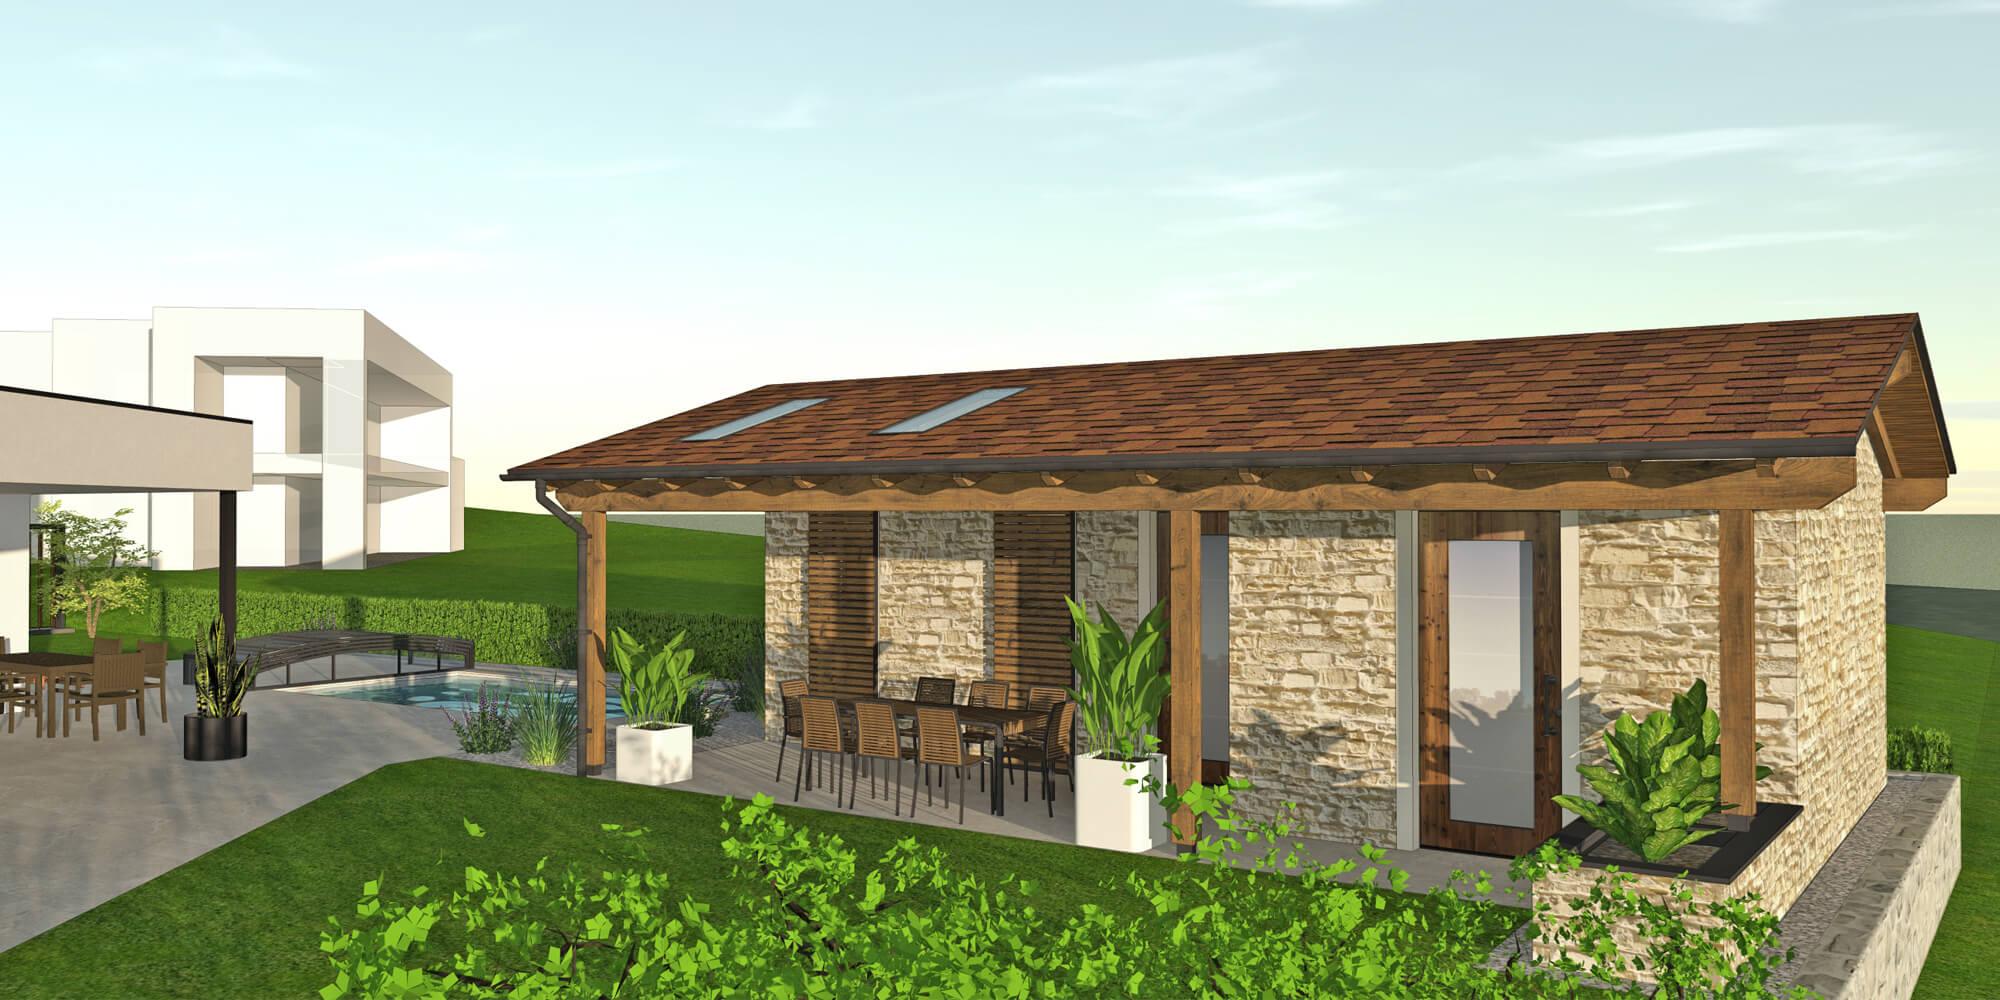 Cre-Plan-Design-Rauch-Frühmann-Architektur-Innenarchitektur-Design-Projekt-Referenz-Rund-ums-Haus-Poolhaus-3